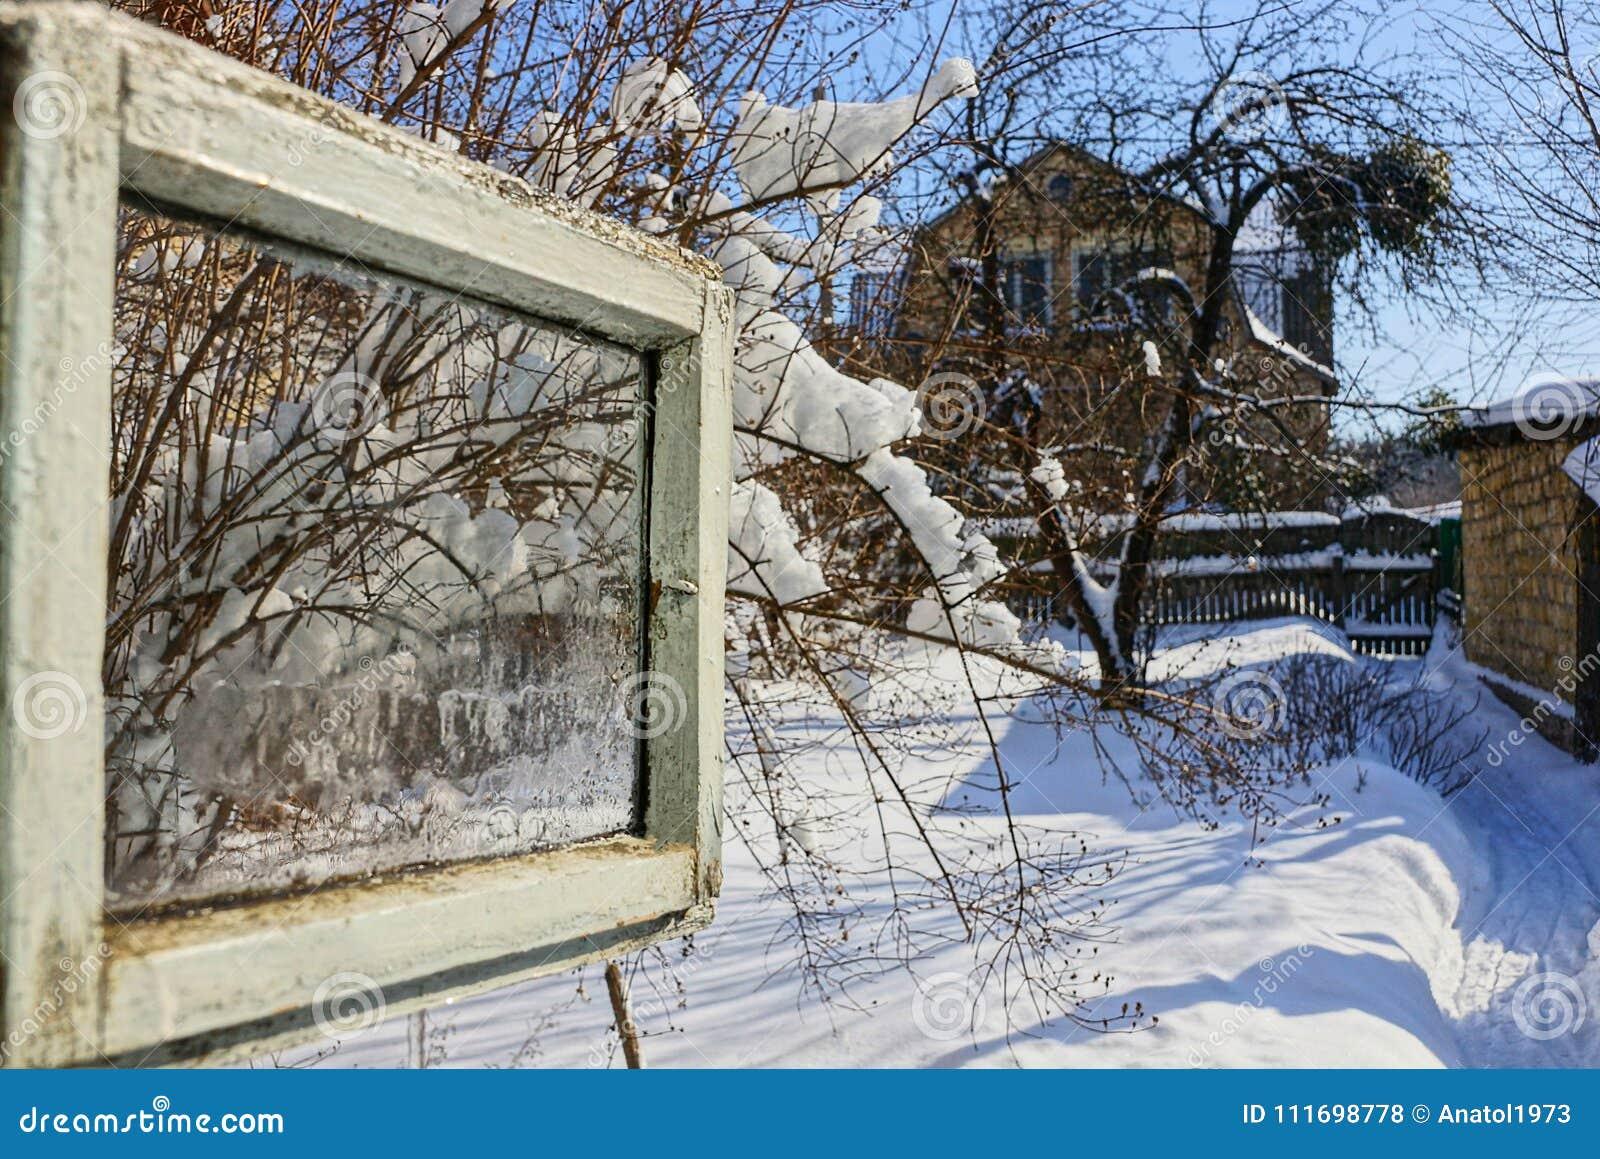 Ventana abierta con vistas a la calle del invierno